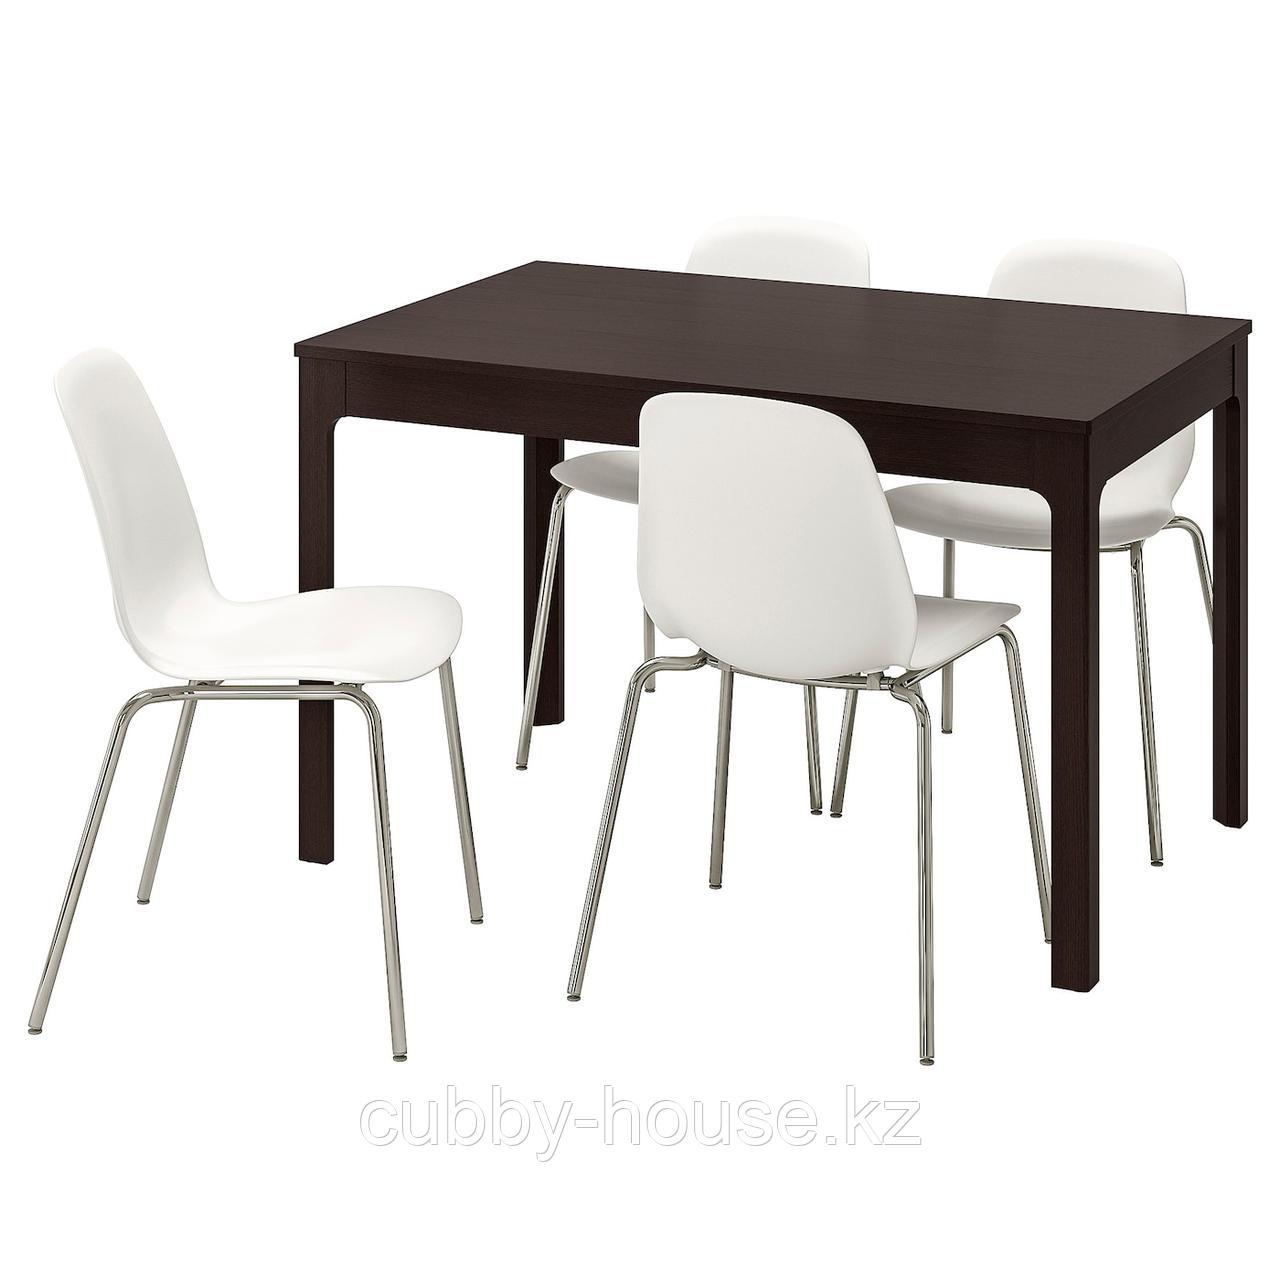 ЭКЕДАЛЕН / ЛЕЙФ-АРНЕ Стол и 4 стула, темно-коричневый, белый, 120/180 см